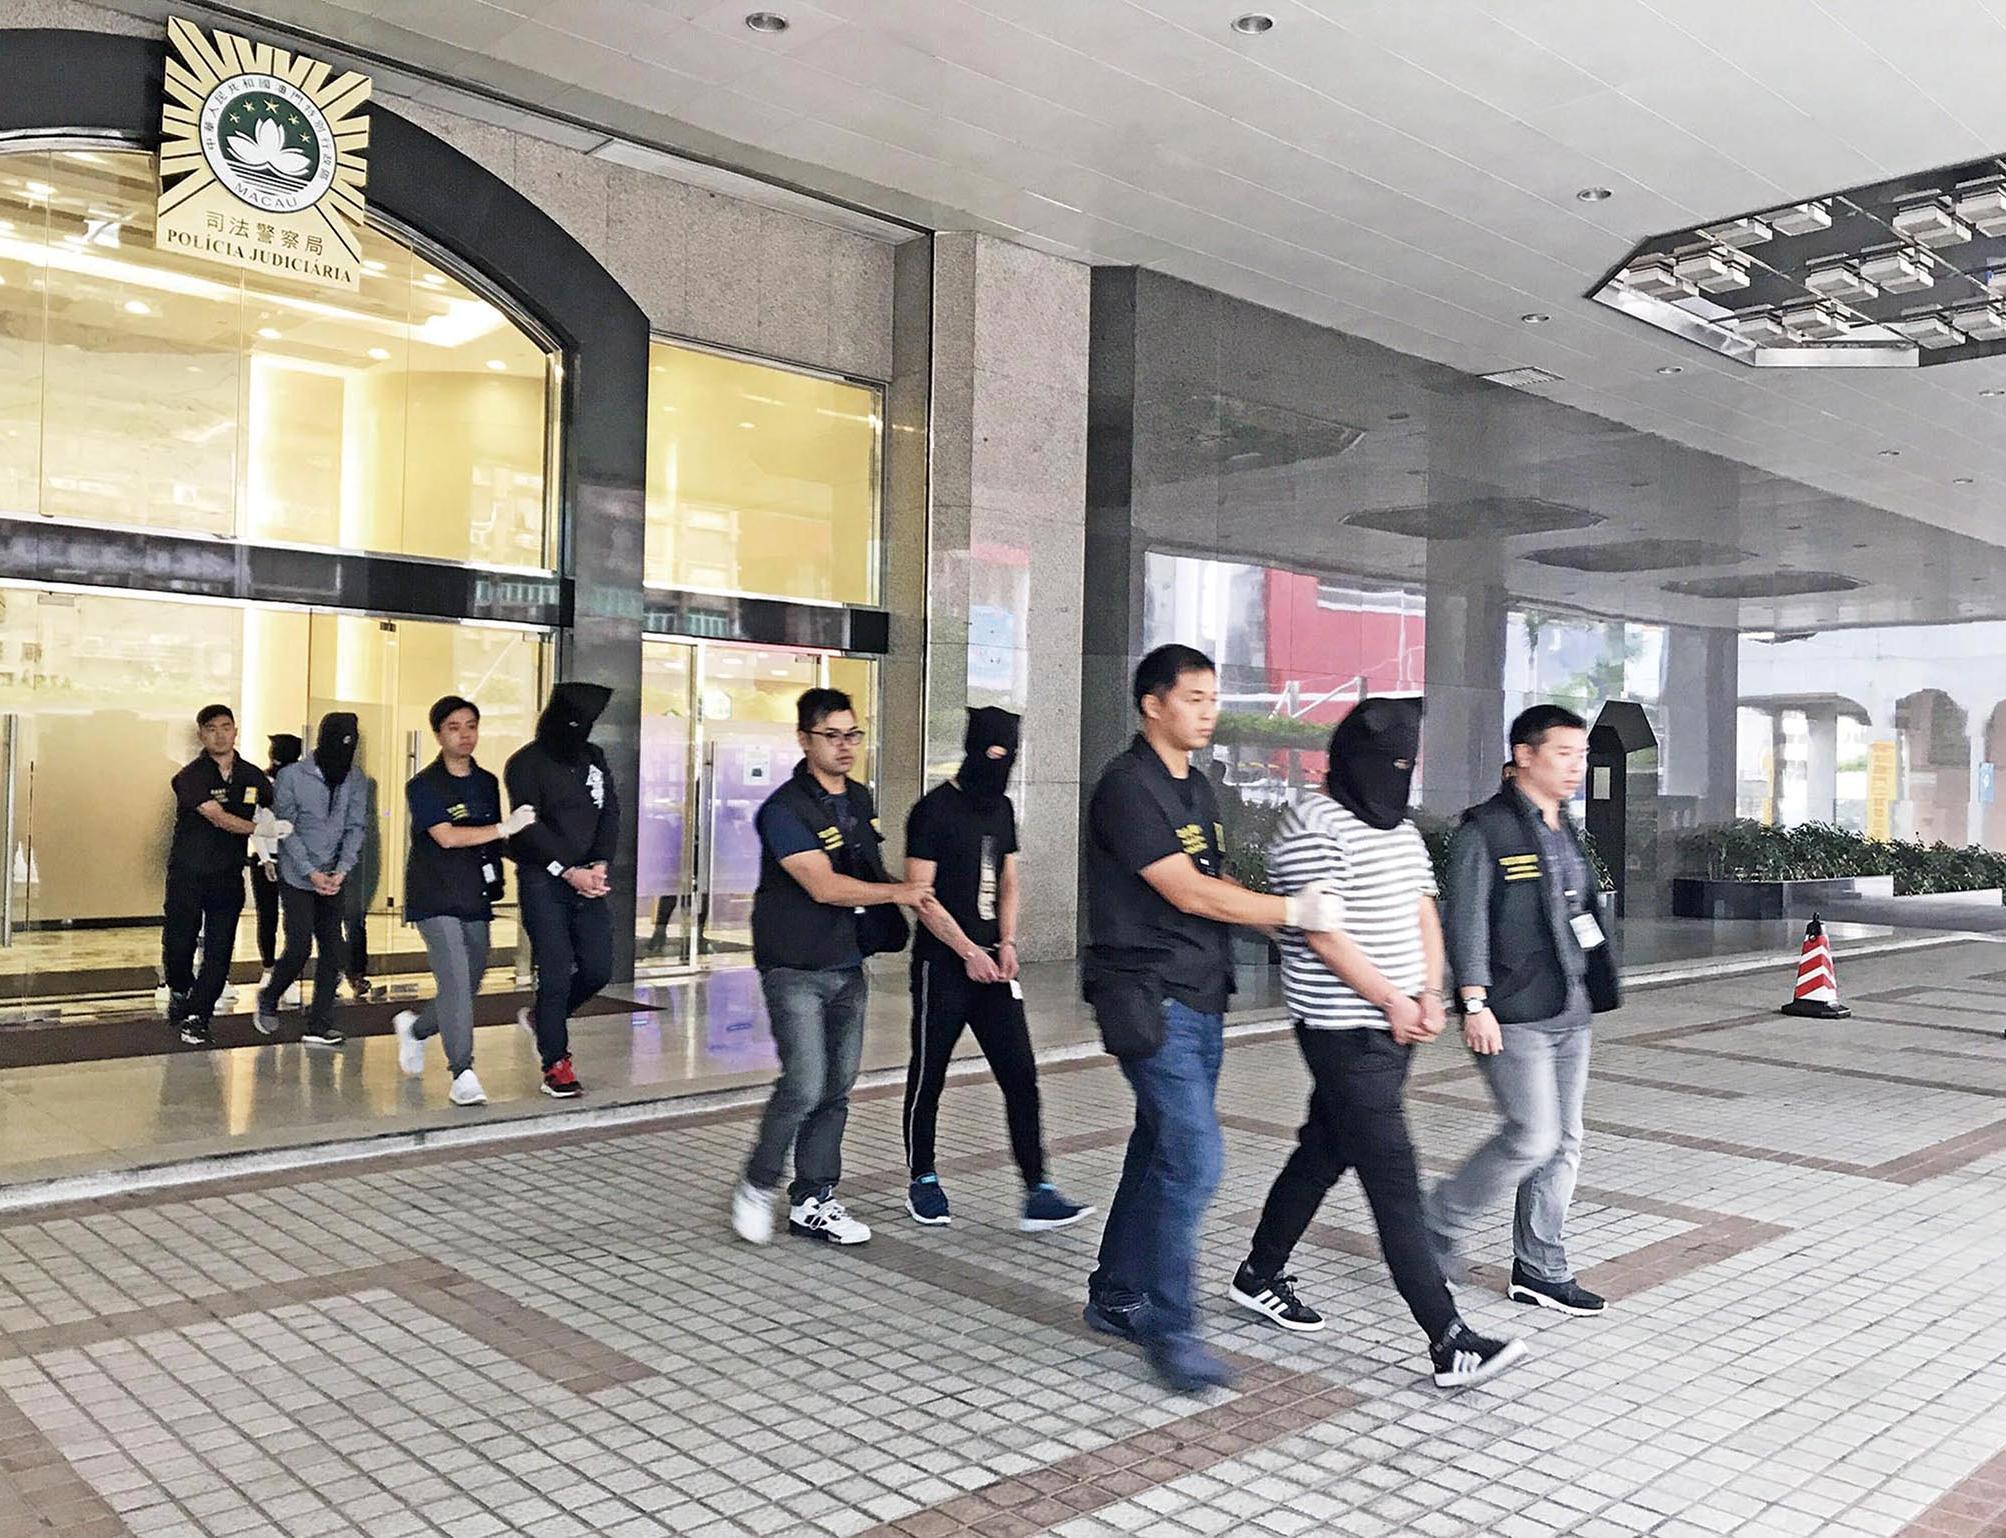 破跨境販毒集團拘43人